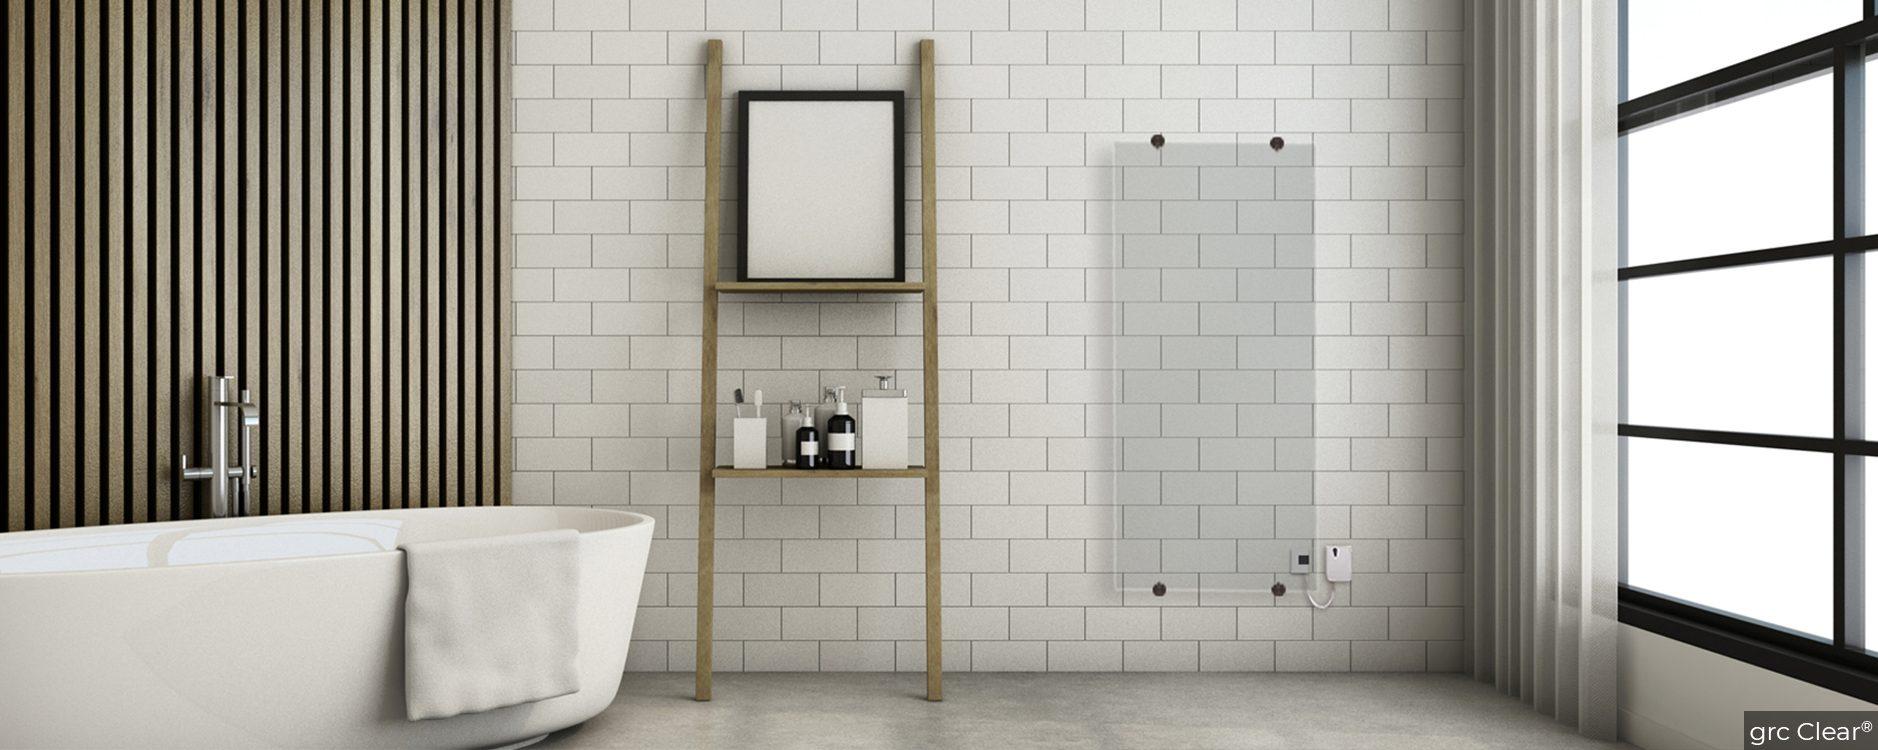 Bathroom grc Clear